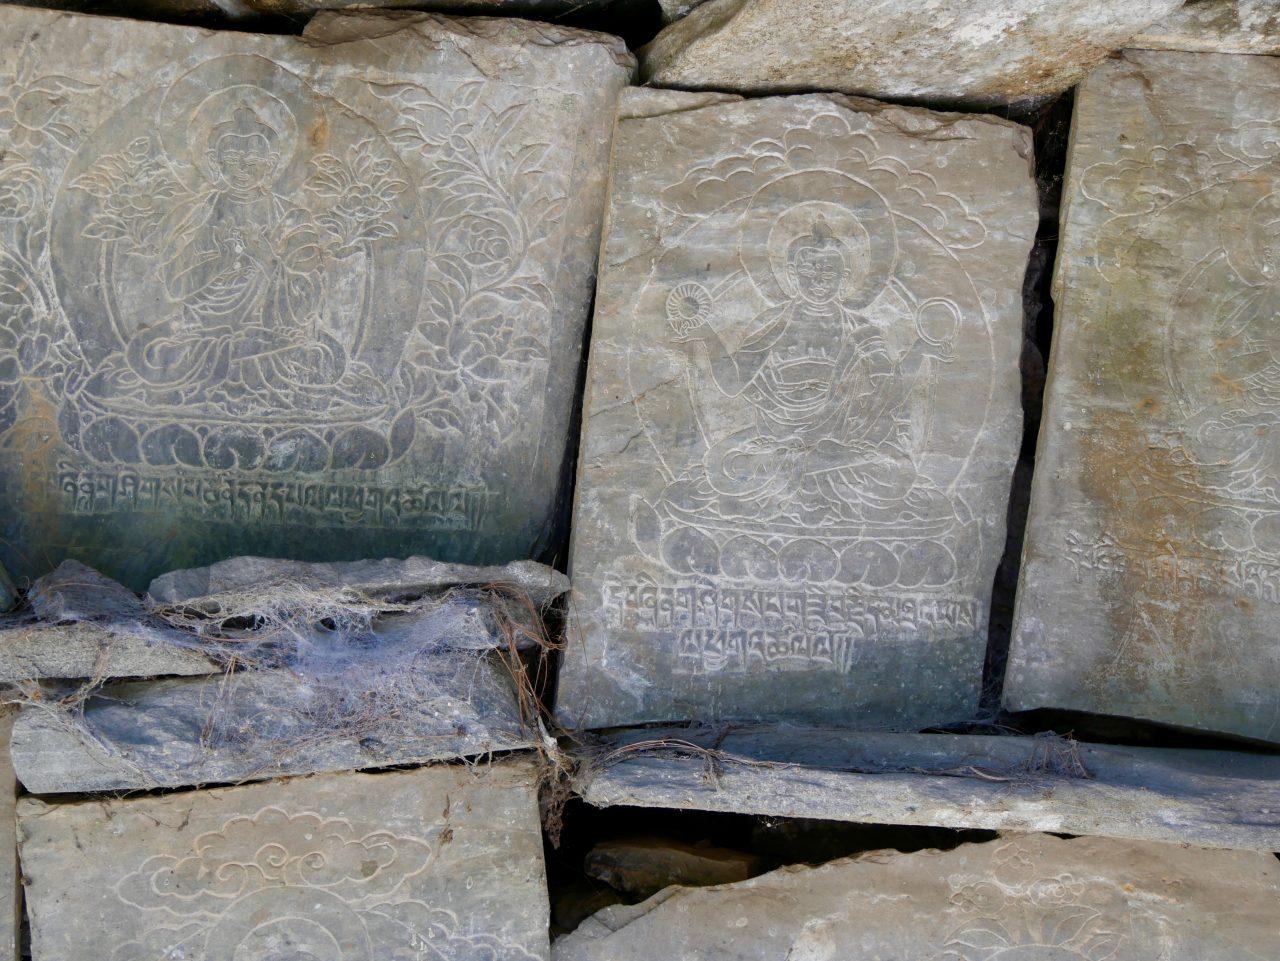 Tag 5: Mani Steine, Stone Arch (2.230) - Lho (3.180)